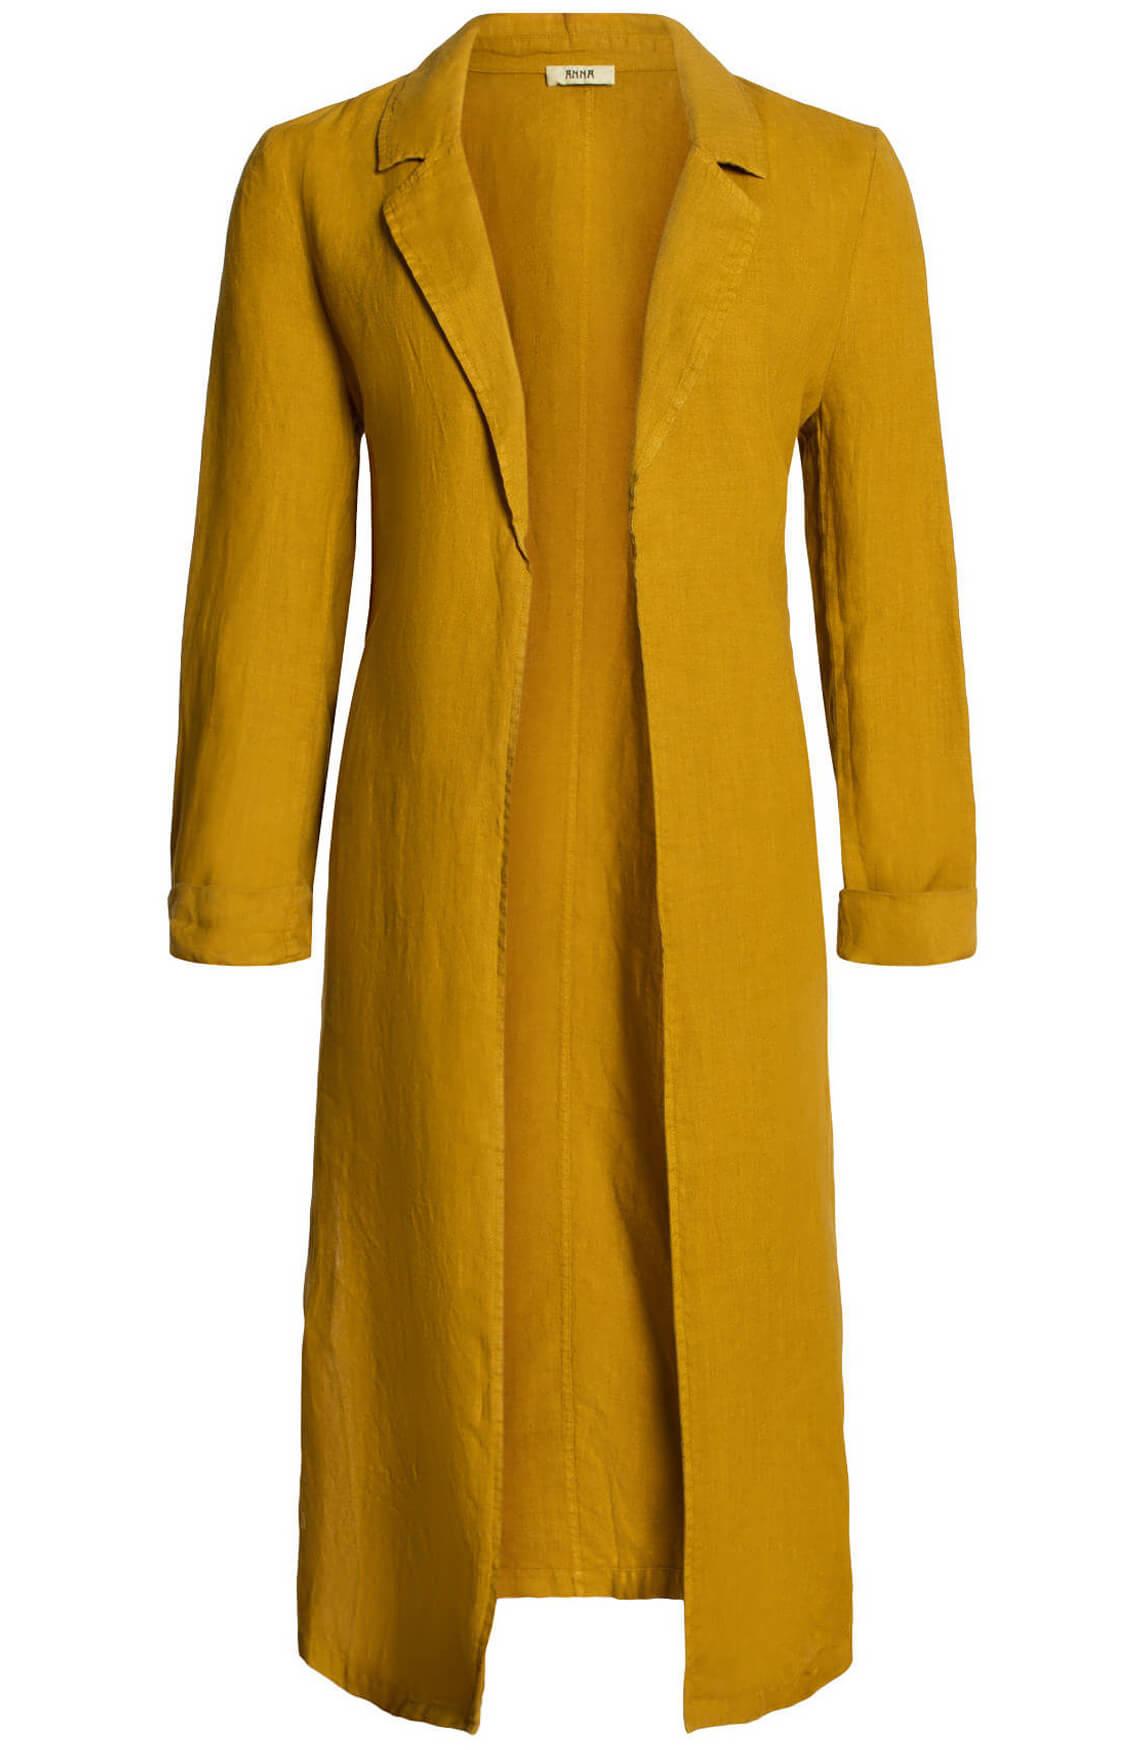 Anna Dames Linnen blousejas geel